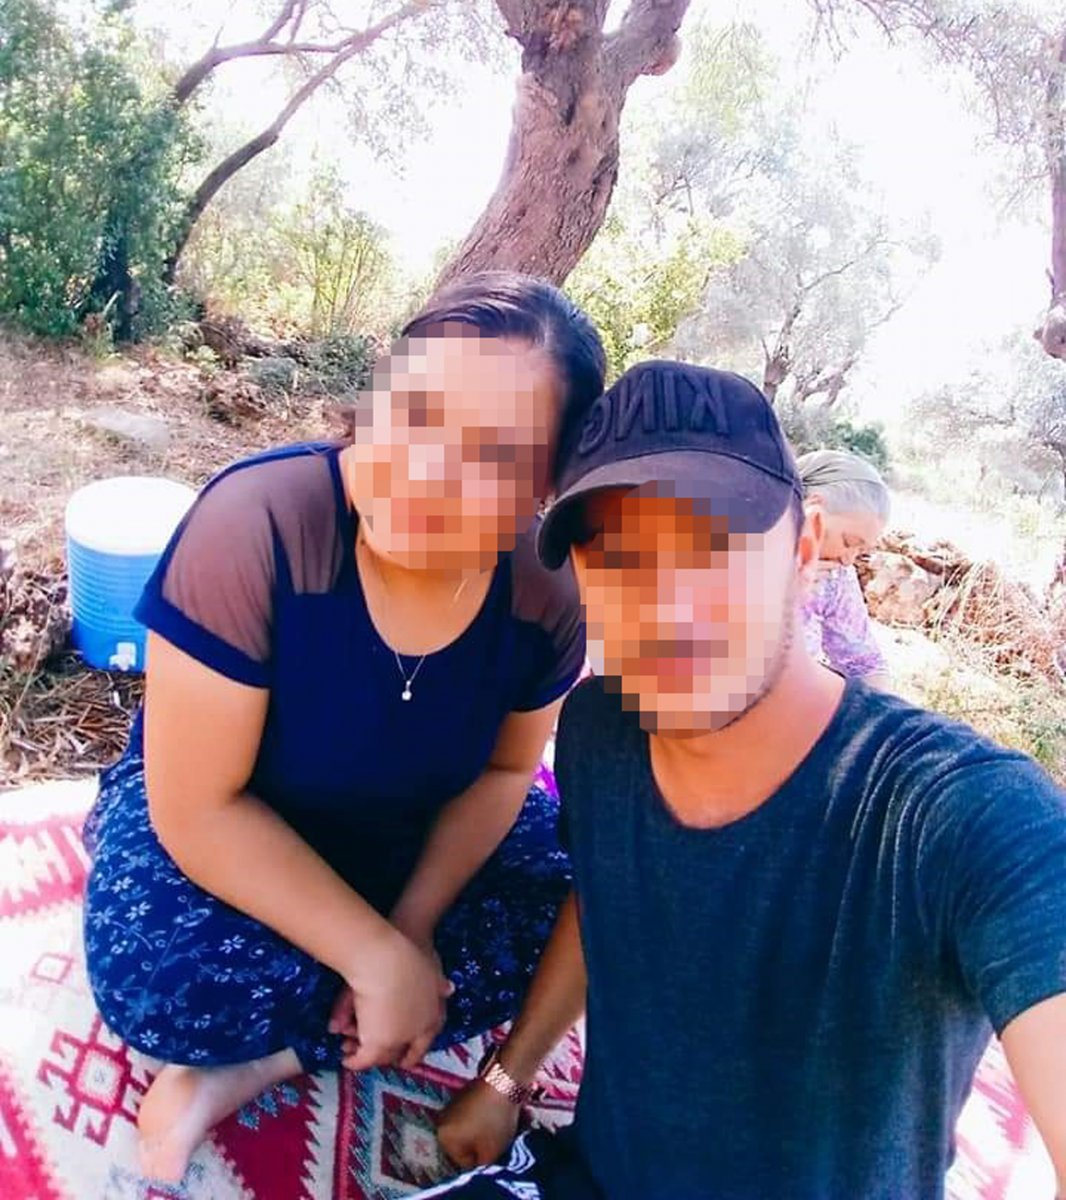 Antalya da üvey babası tarafından tacize uğradı: Devlet korumasına alındı #2